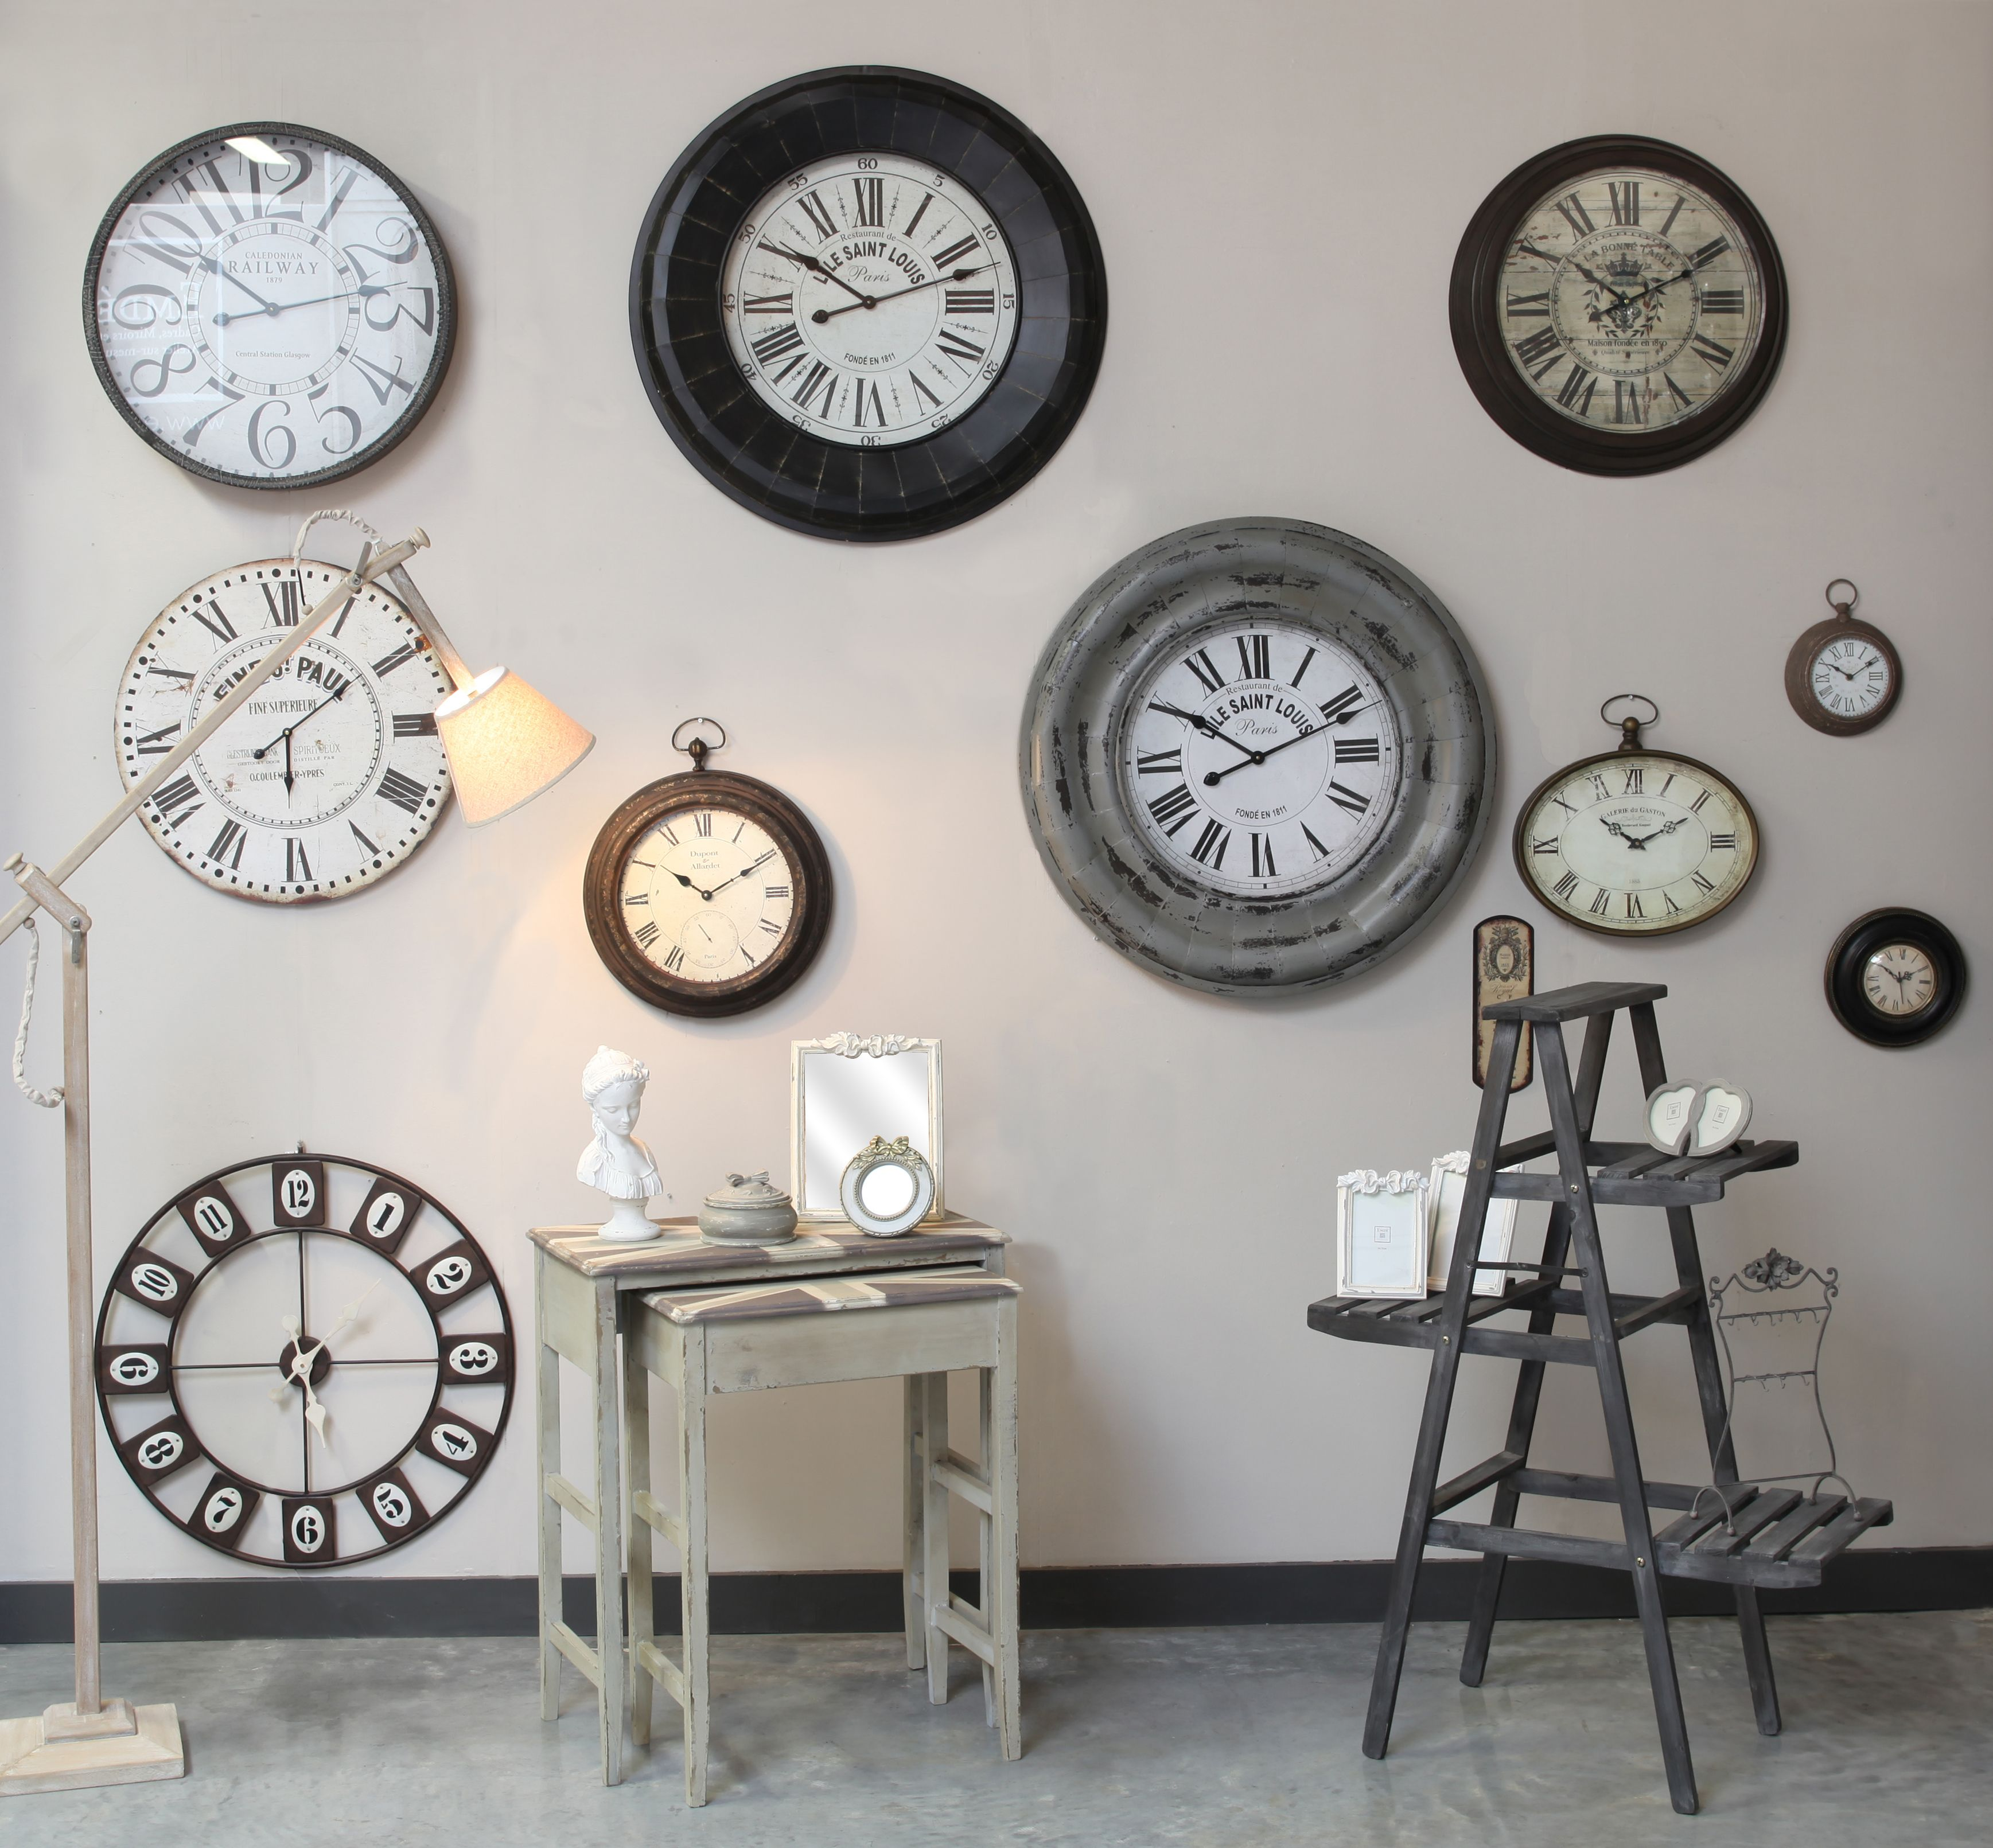 horloges de style antique accrocher sur mur pour un c t vintage emd time to. Black Bedroom Furniture Sets. Home Design Ideas